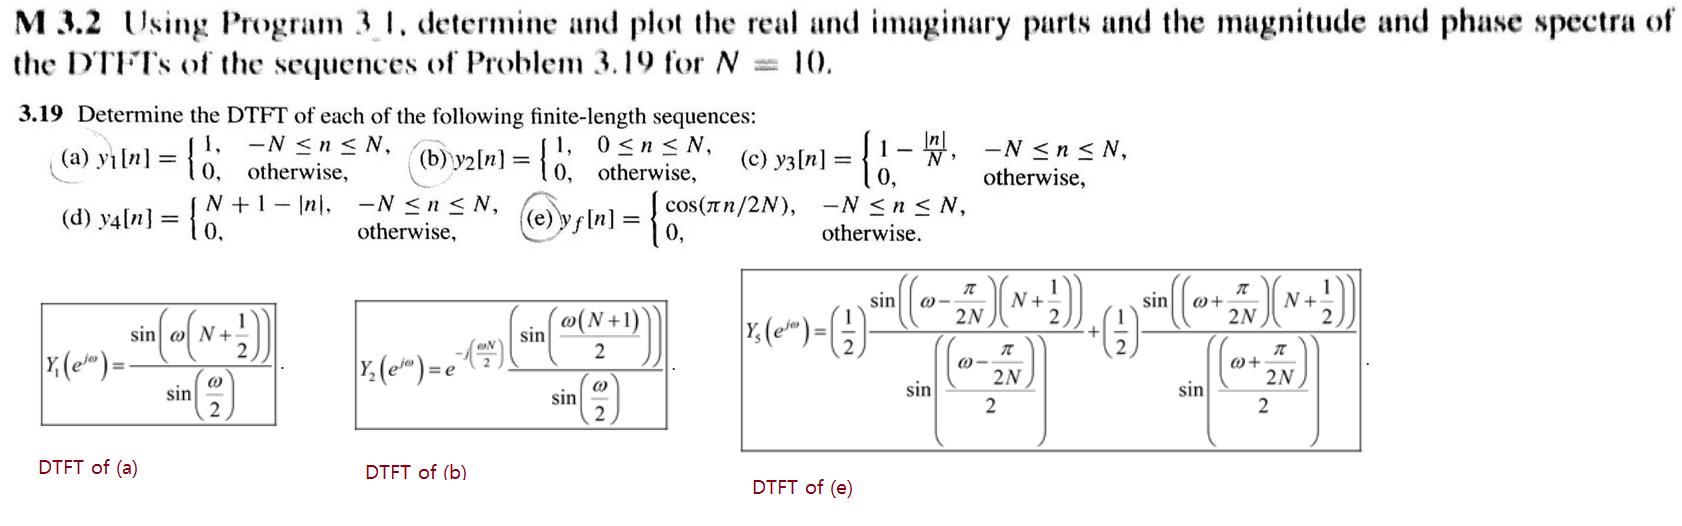 DTFT in matlab · GitHub